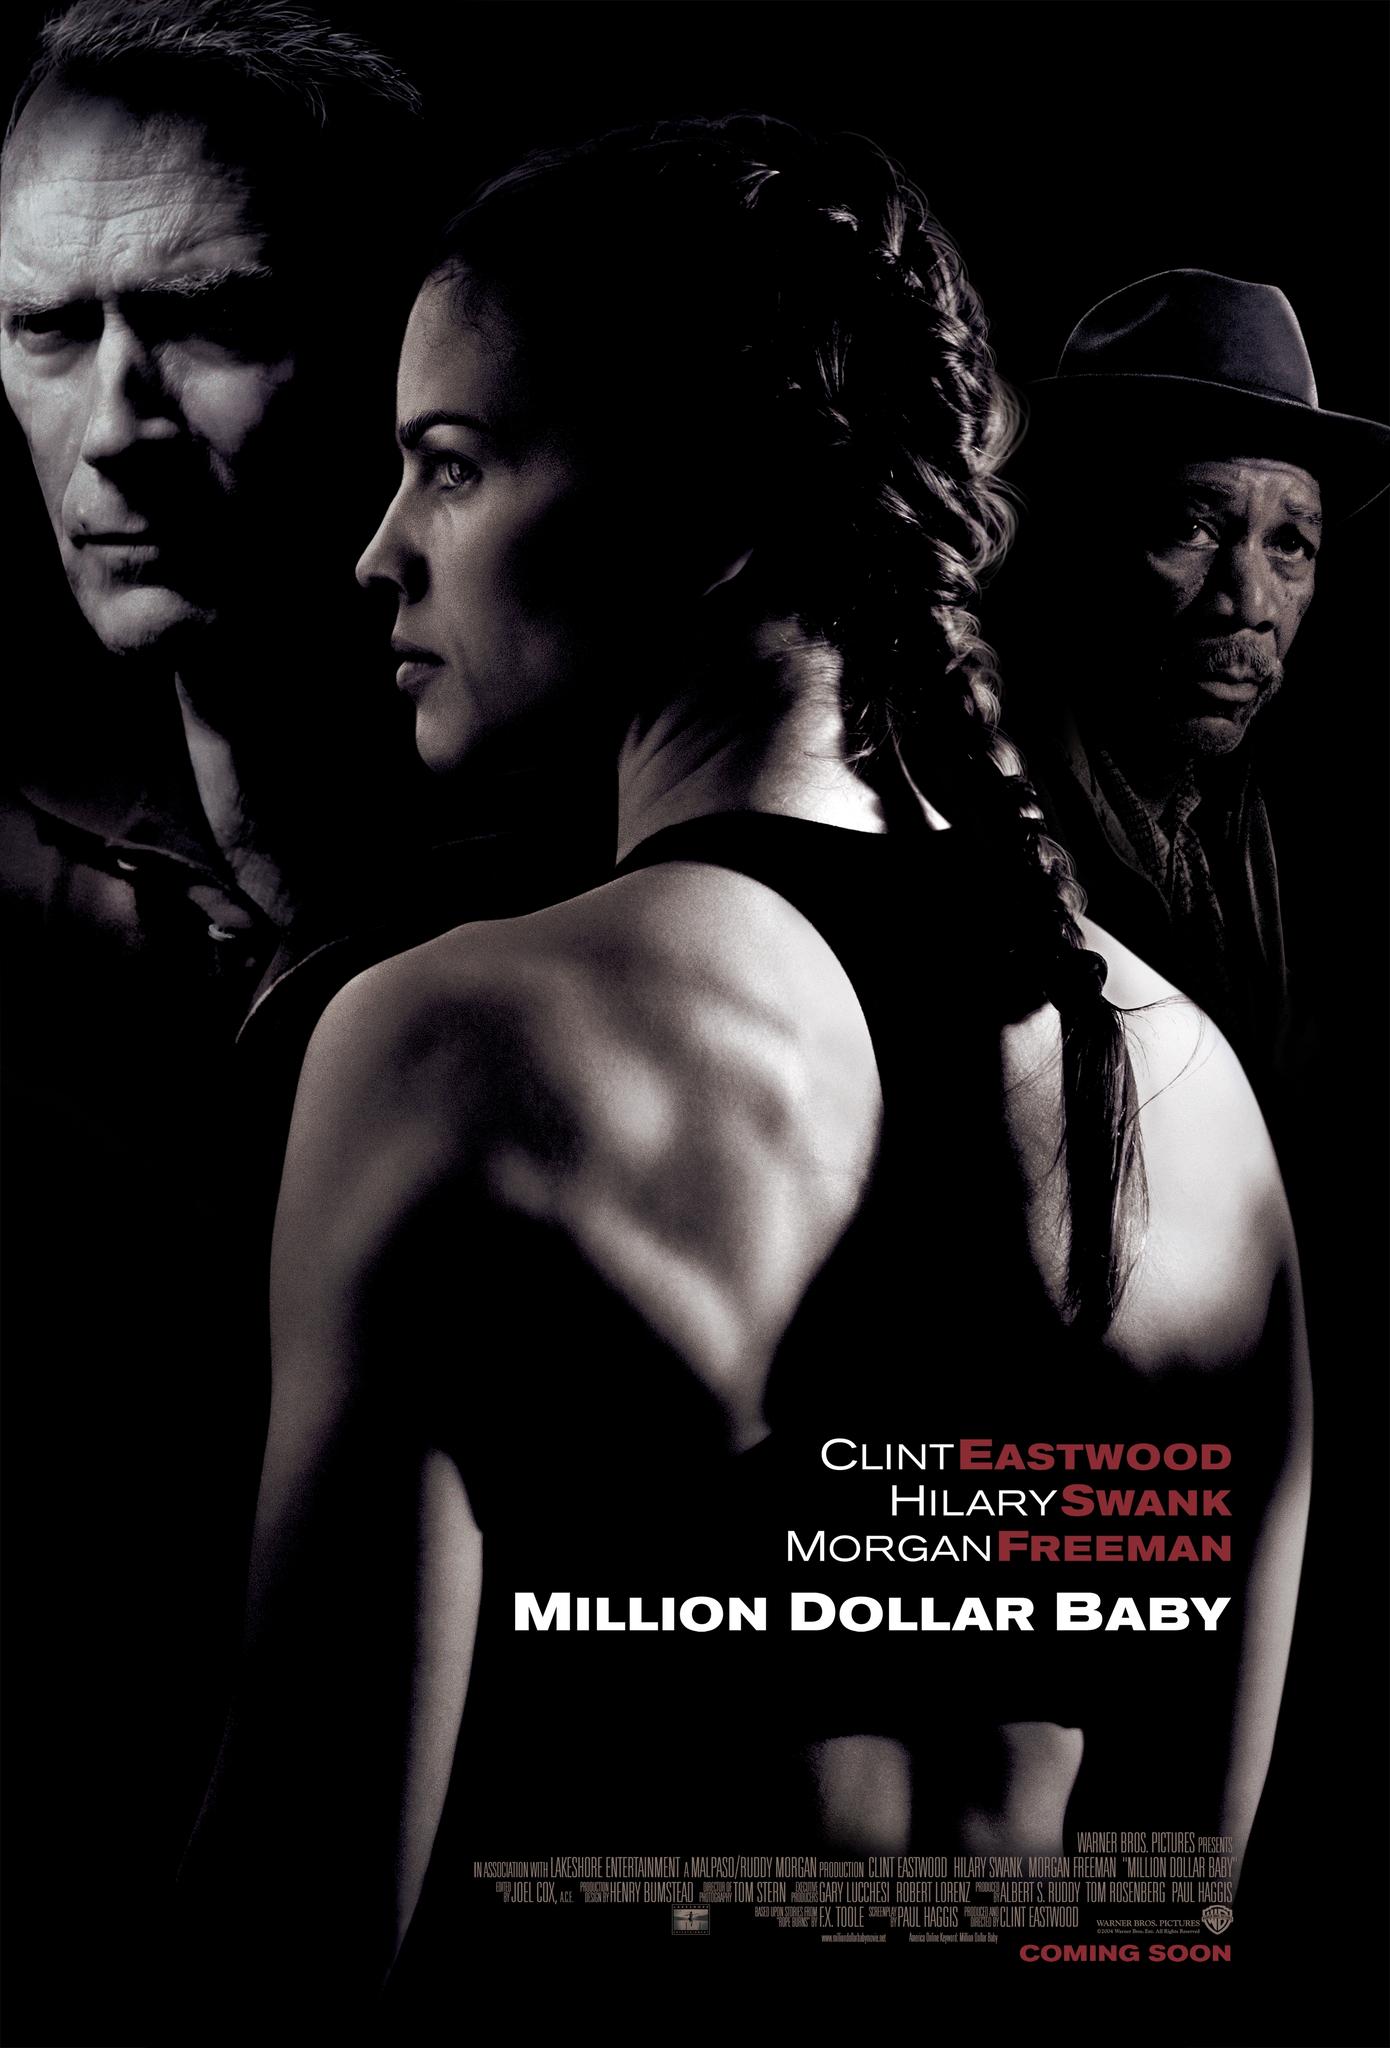 million dollar baby poster ile ilgili görsel sonucu